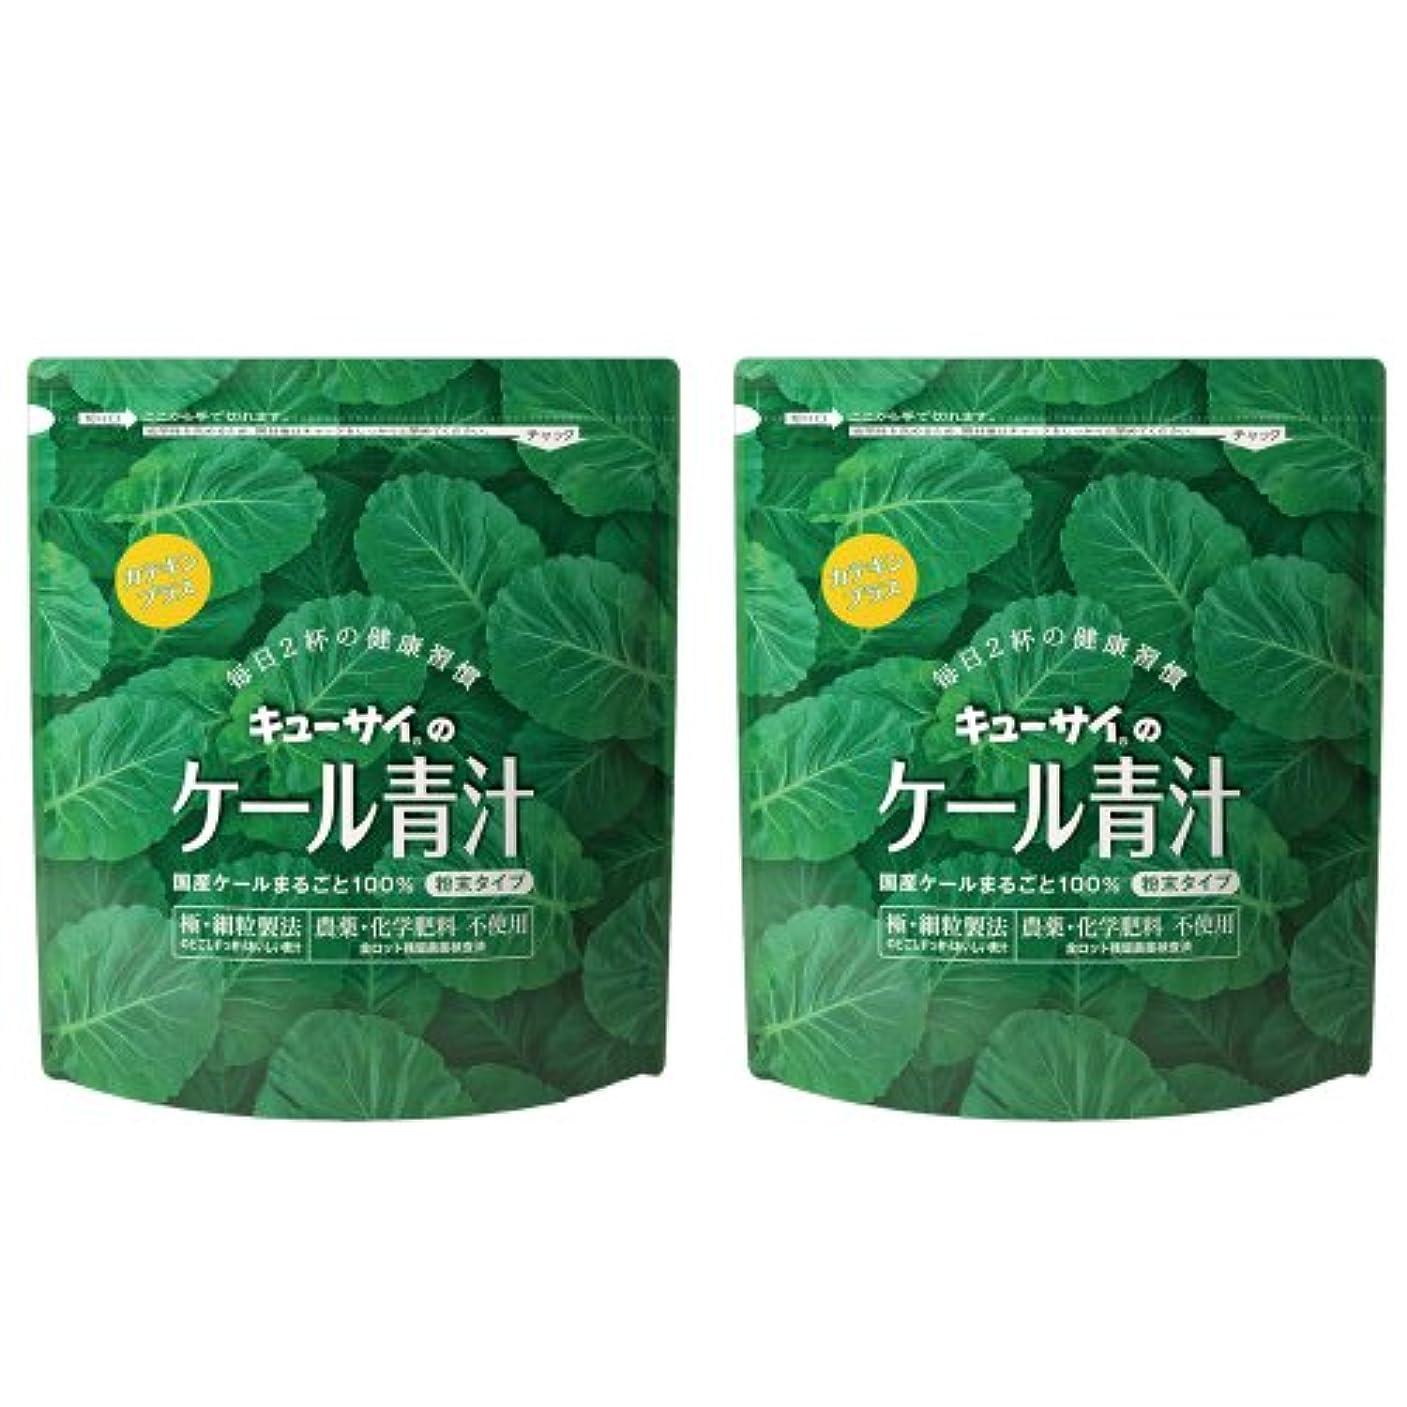 振り子有能な望ましいキューサイ青汁カテキンプラス420g(粉末タイプ)2袋まとめ買い【1袋420g(約1カ月分)】